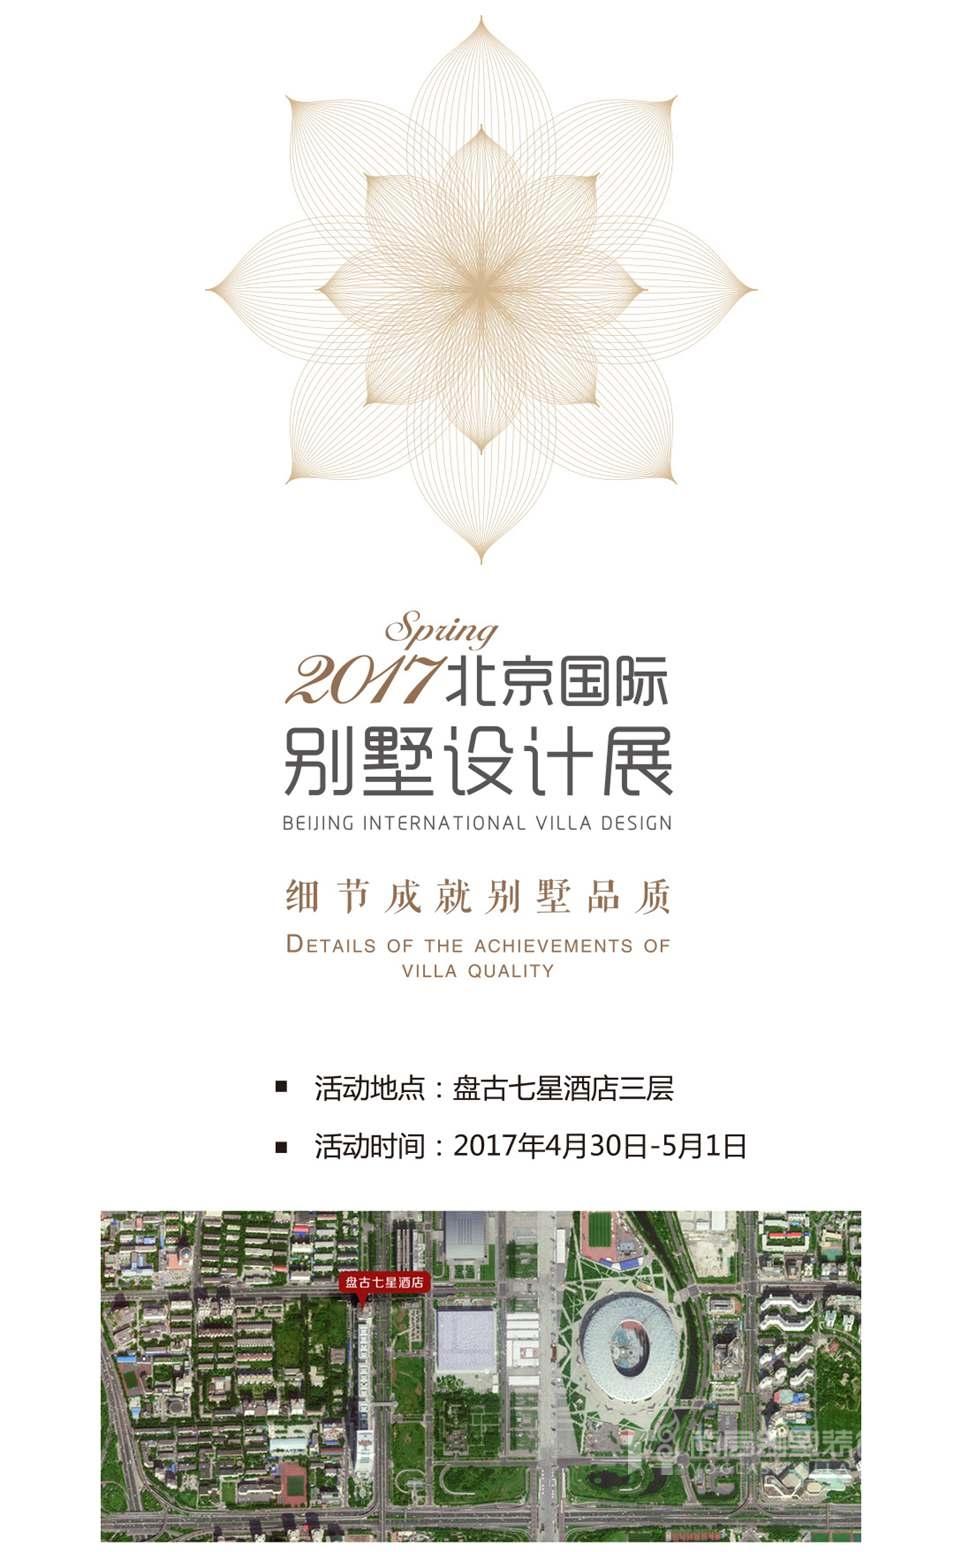 北京国际别墅设计展